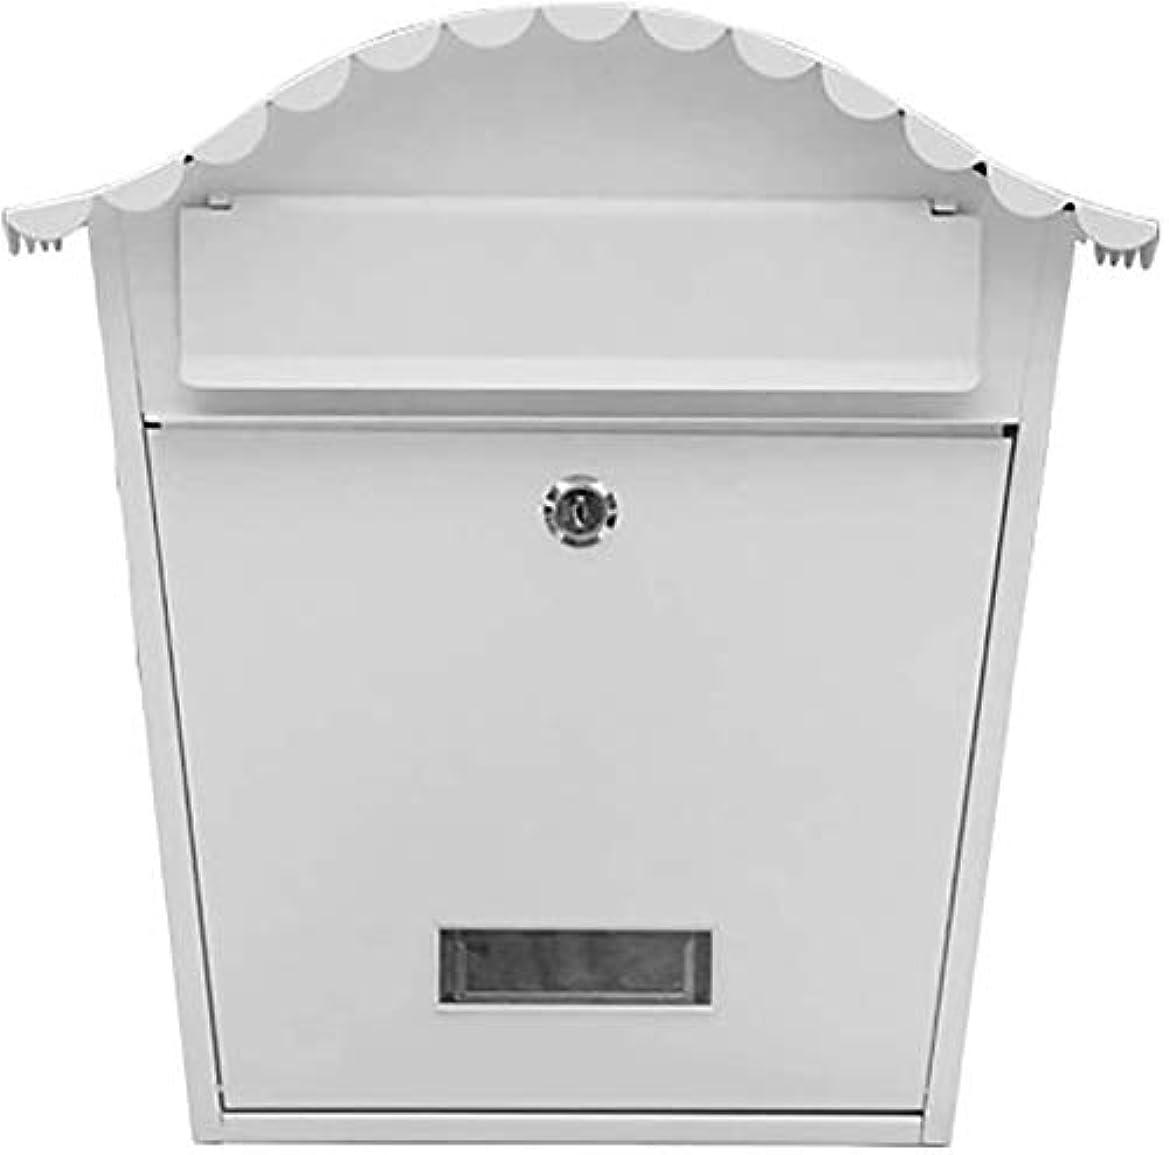 受信発掘する干渉するポスト郵便受け 壁掛け アウトドアメールボックス現代の壁のマウントロック可能な電流を通された金属のキー大容量の商業農村家の装飾&オフィス提案ボックス 1103 (Color : D)